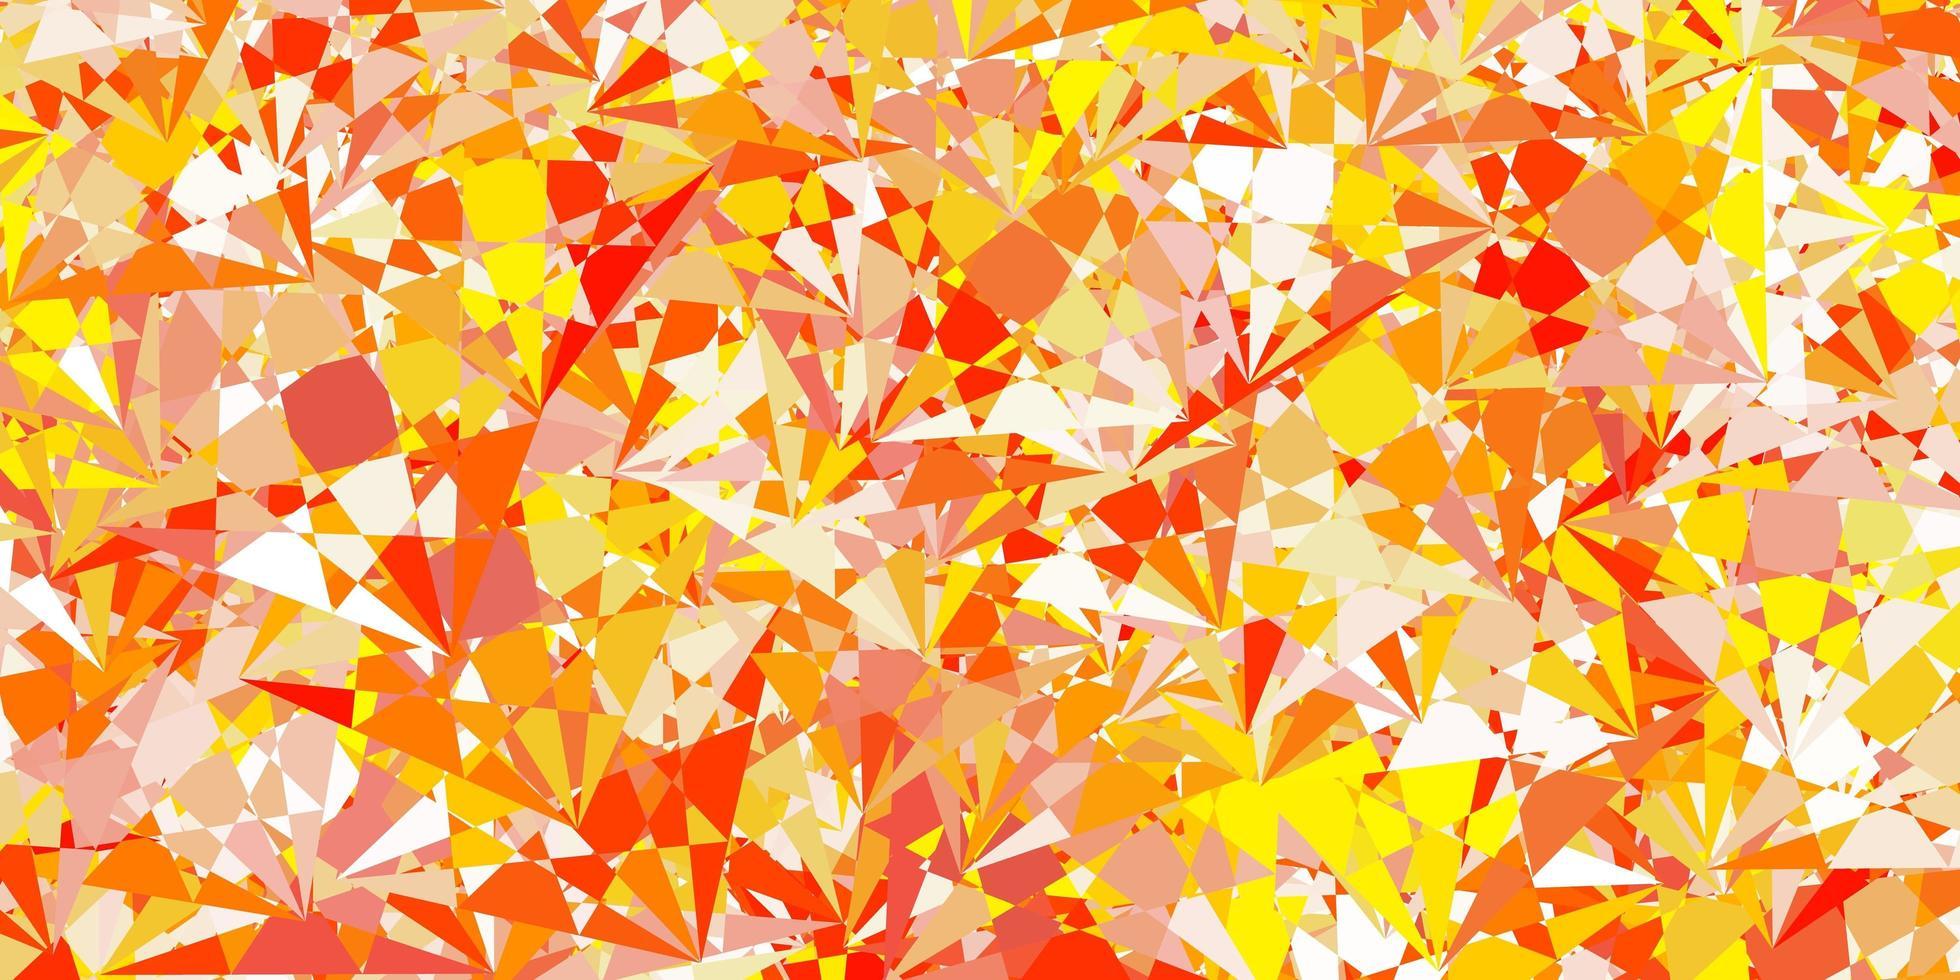 padrão de vetor laranja claro com formas poligonais